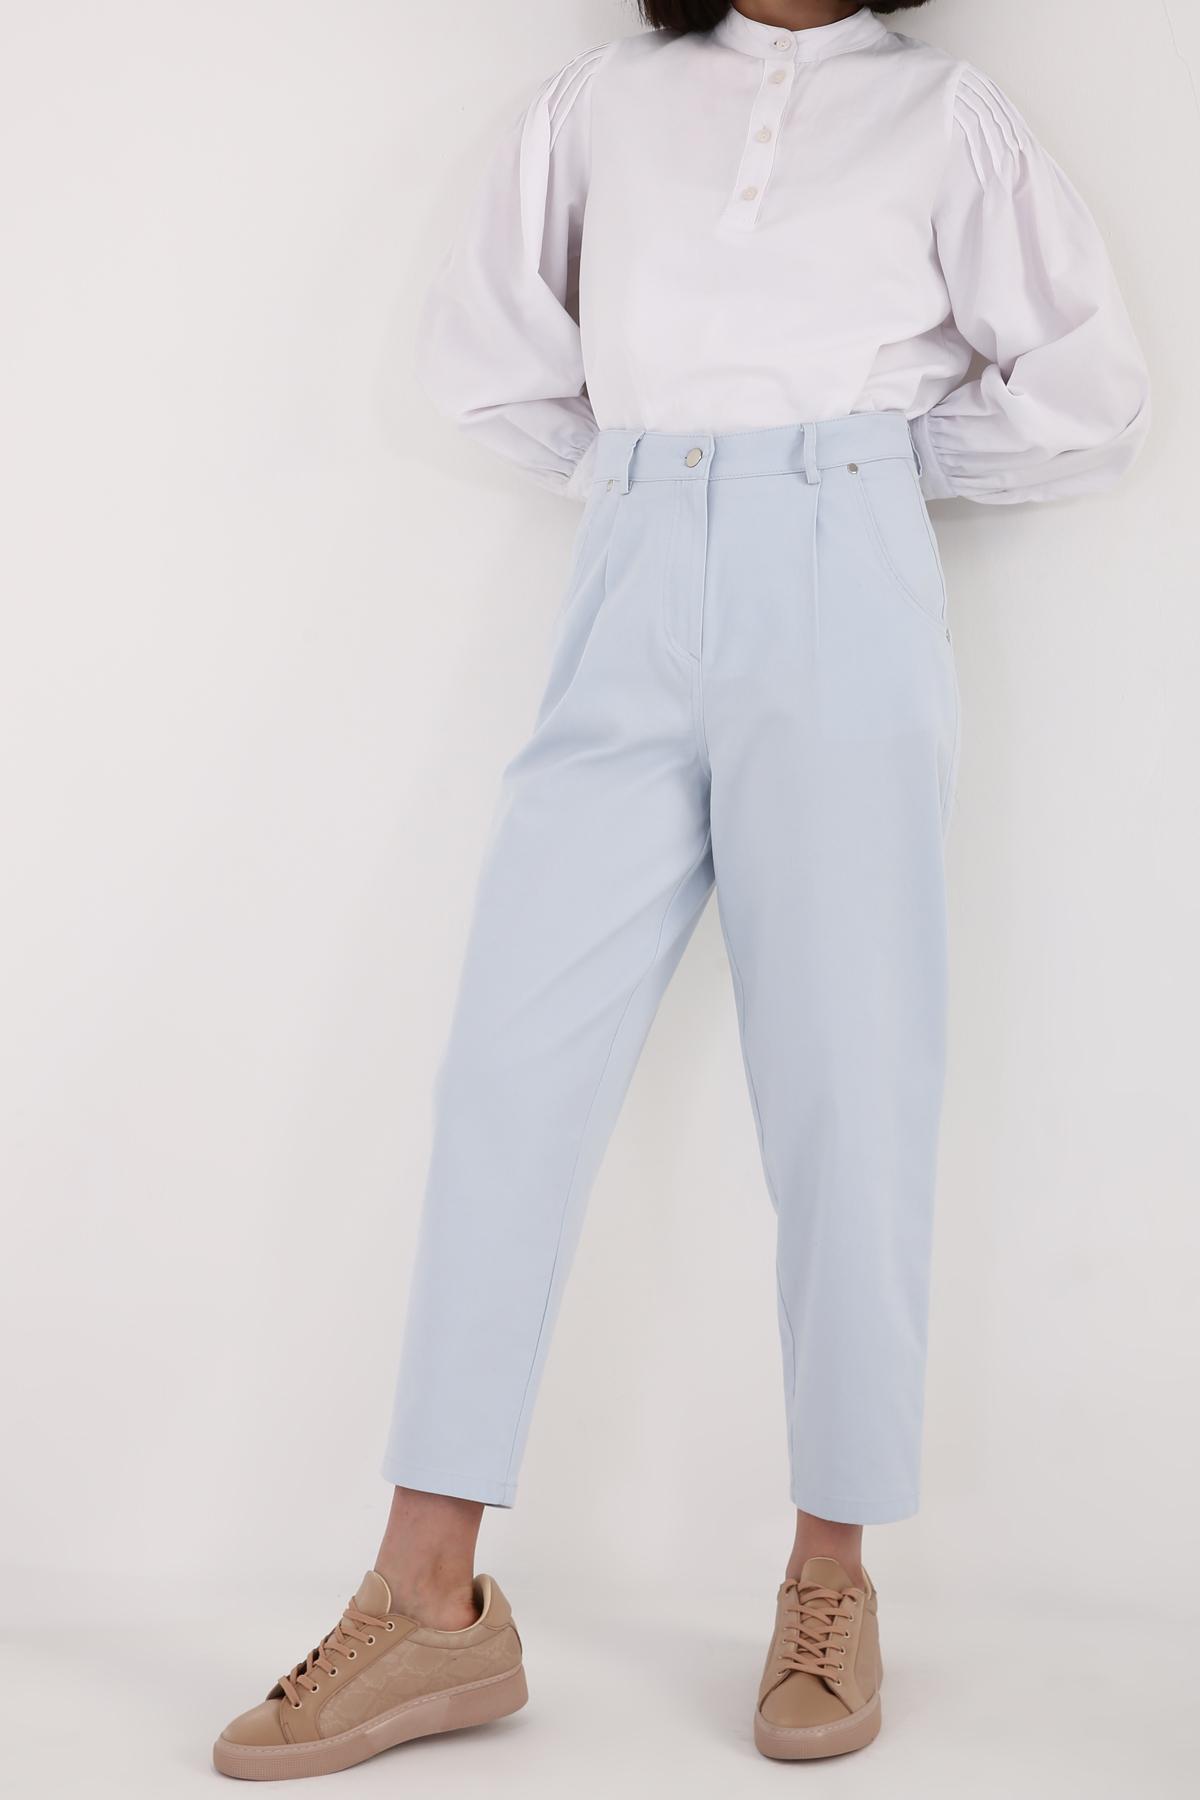 High Waist Pleated Mom Jeans